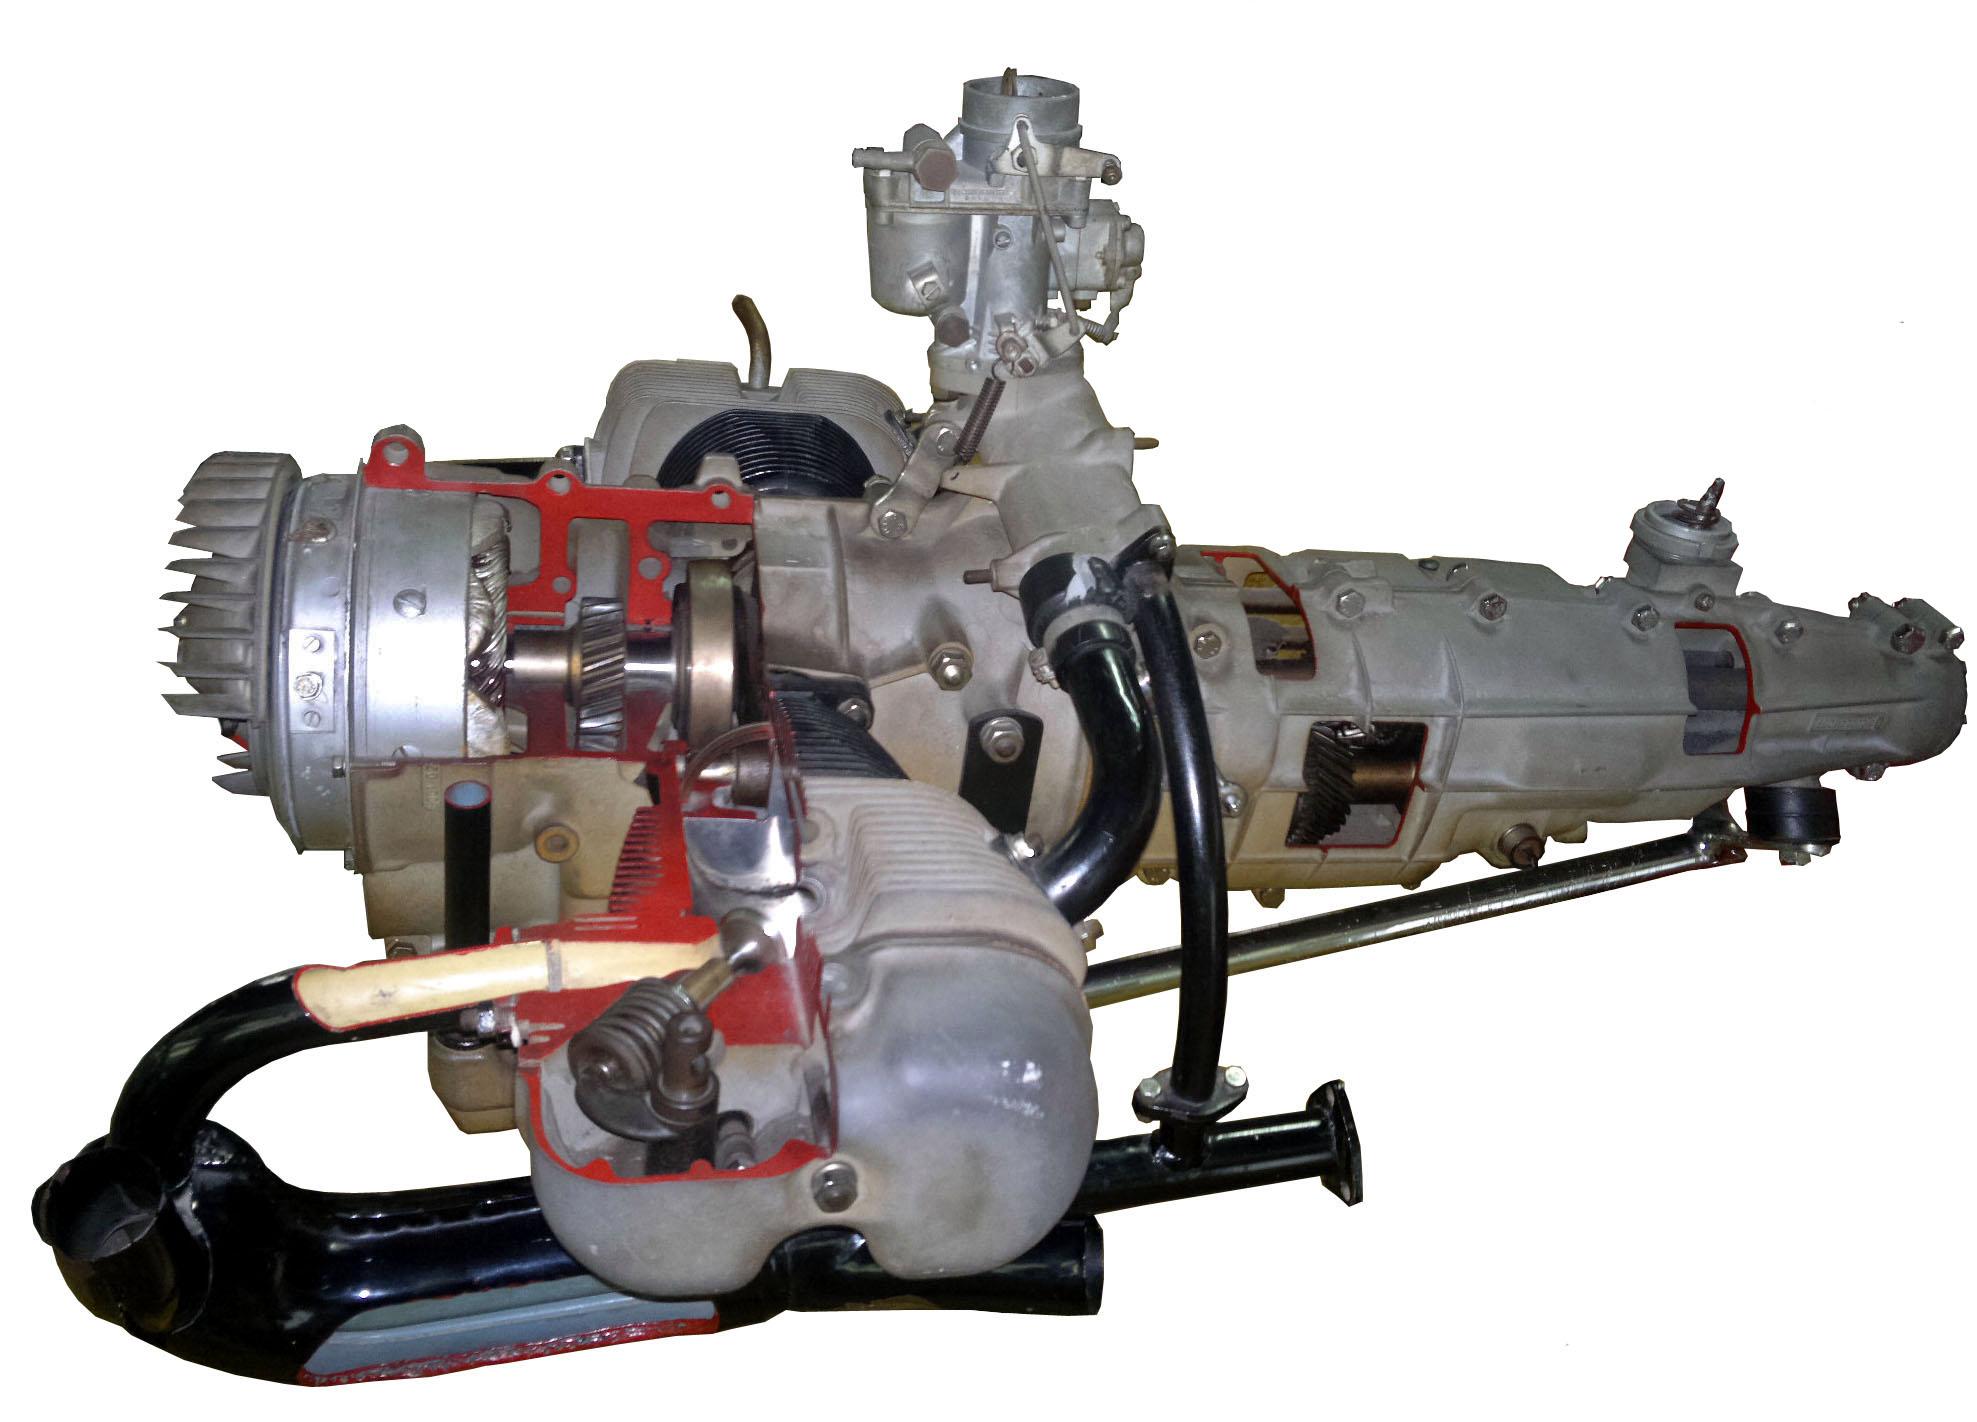 Blick auf das Schnittmodell eines Heinkel-Motors 458A-O mit angeflanschtem Getriebe